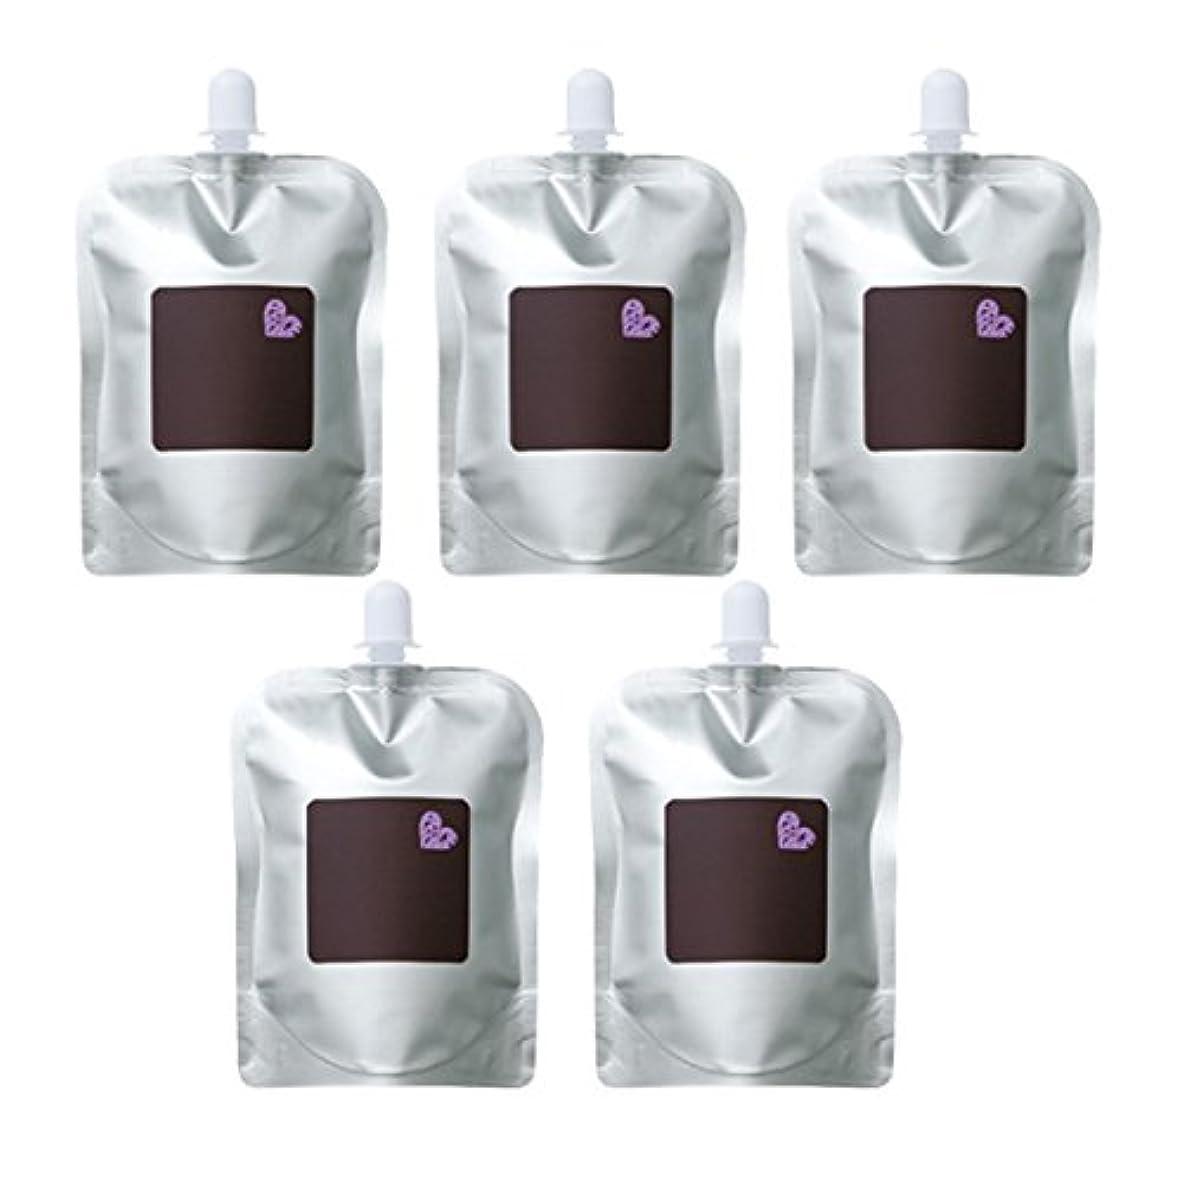 ネズミ平行腐食する【X5個セット】 アリミノ ピース バウンシーカール ホイップ 400g 詰替え用